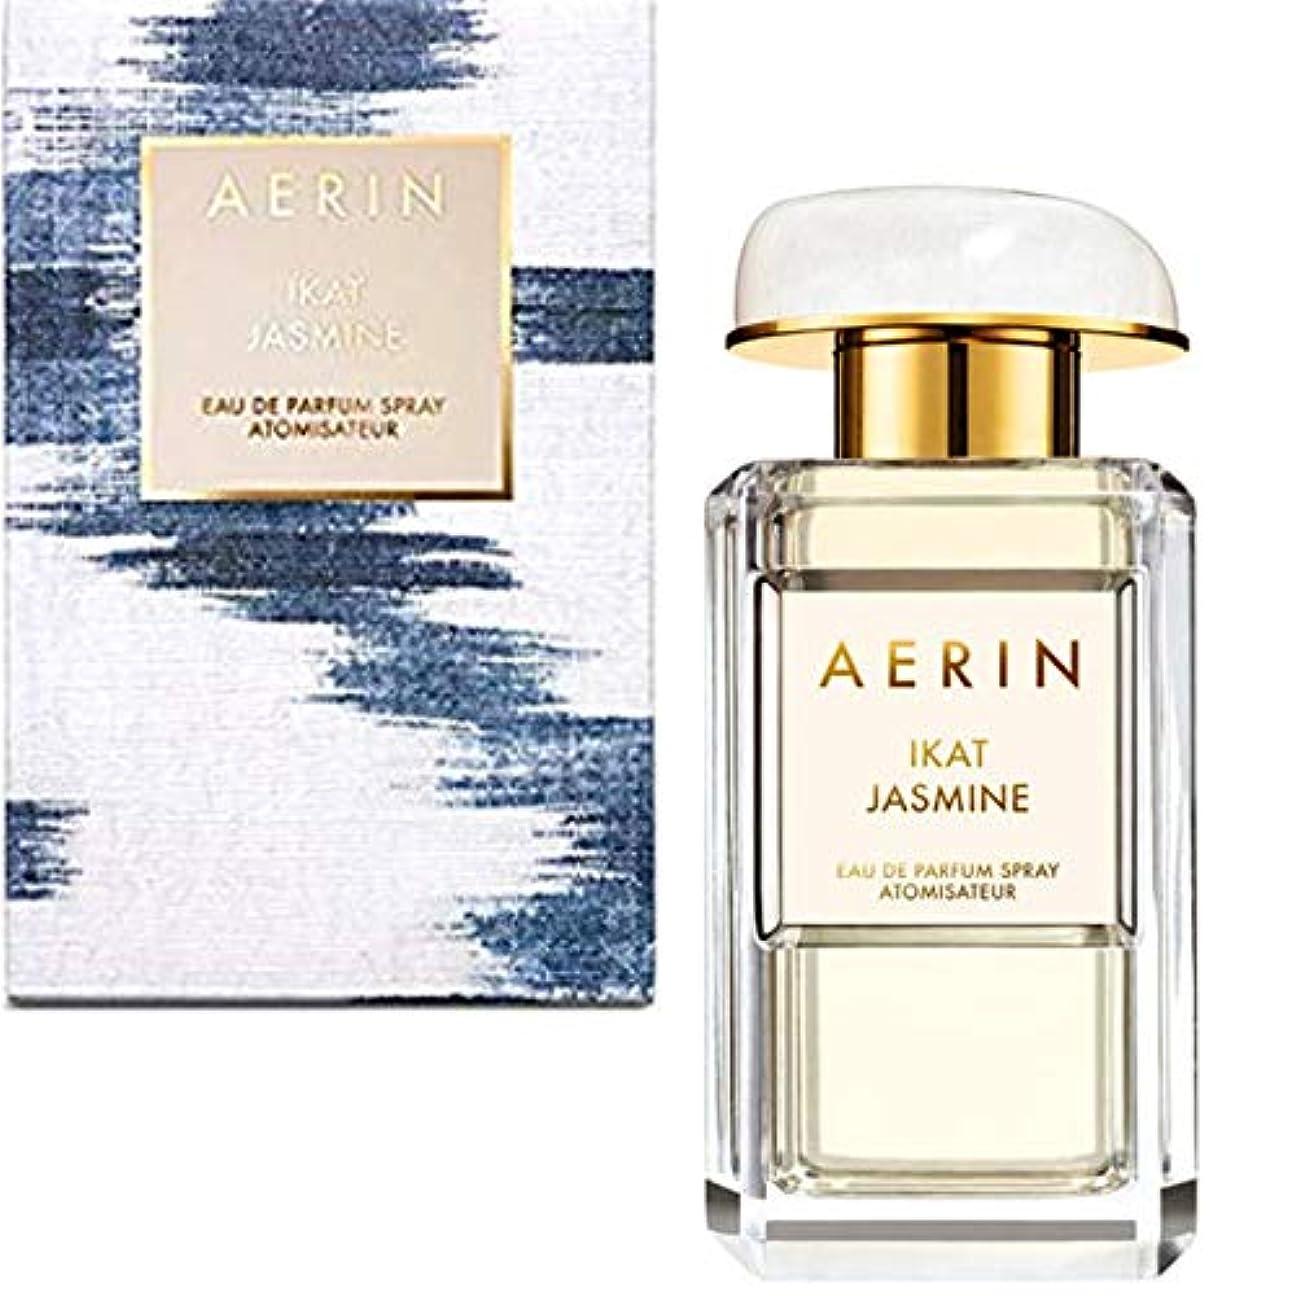 墓地中海トラップAERIN 'Ikat Jasmine' (アエリン イカ ジャスミン) 1.7 oz (50ml) EDP Spray by Estee Lauder for Women [海外直送品] [並行輸入品]